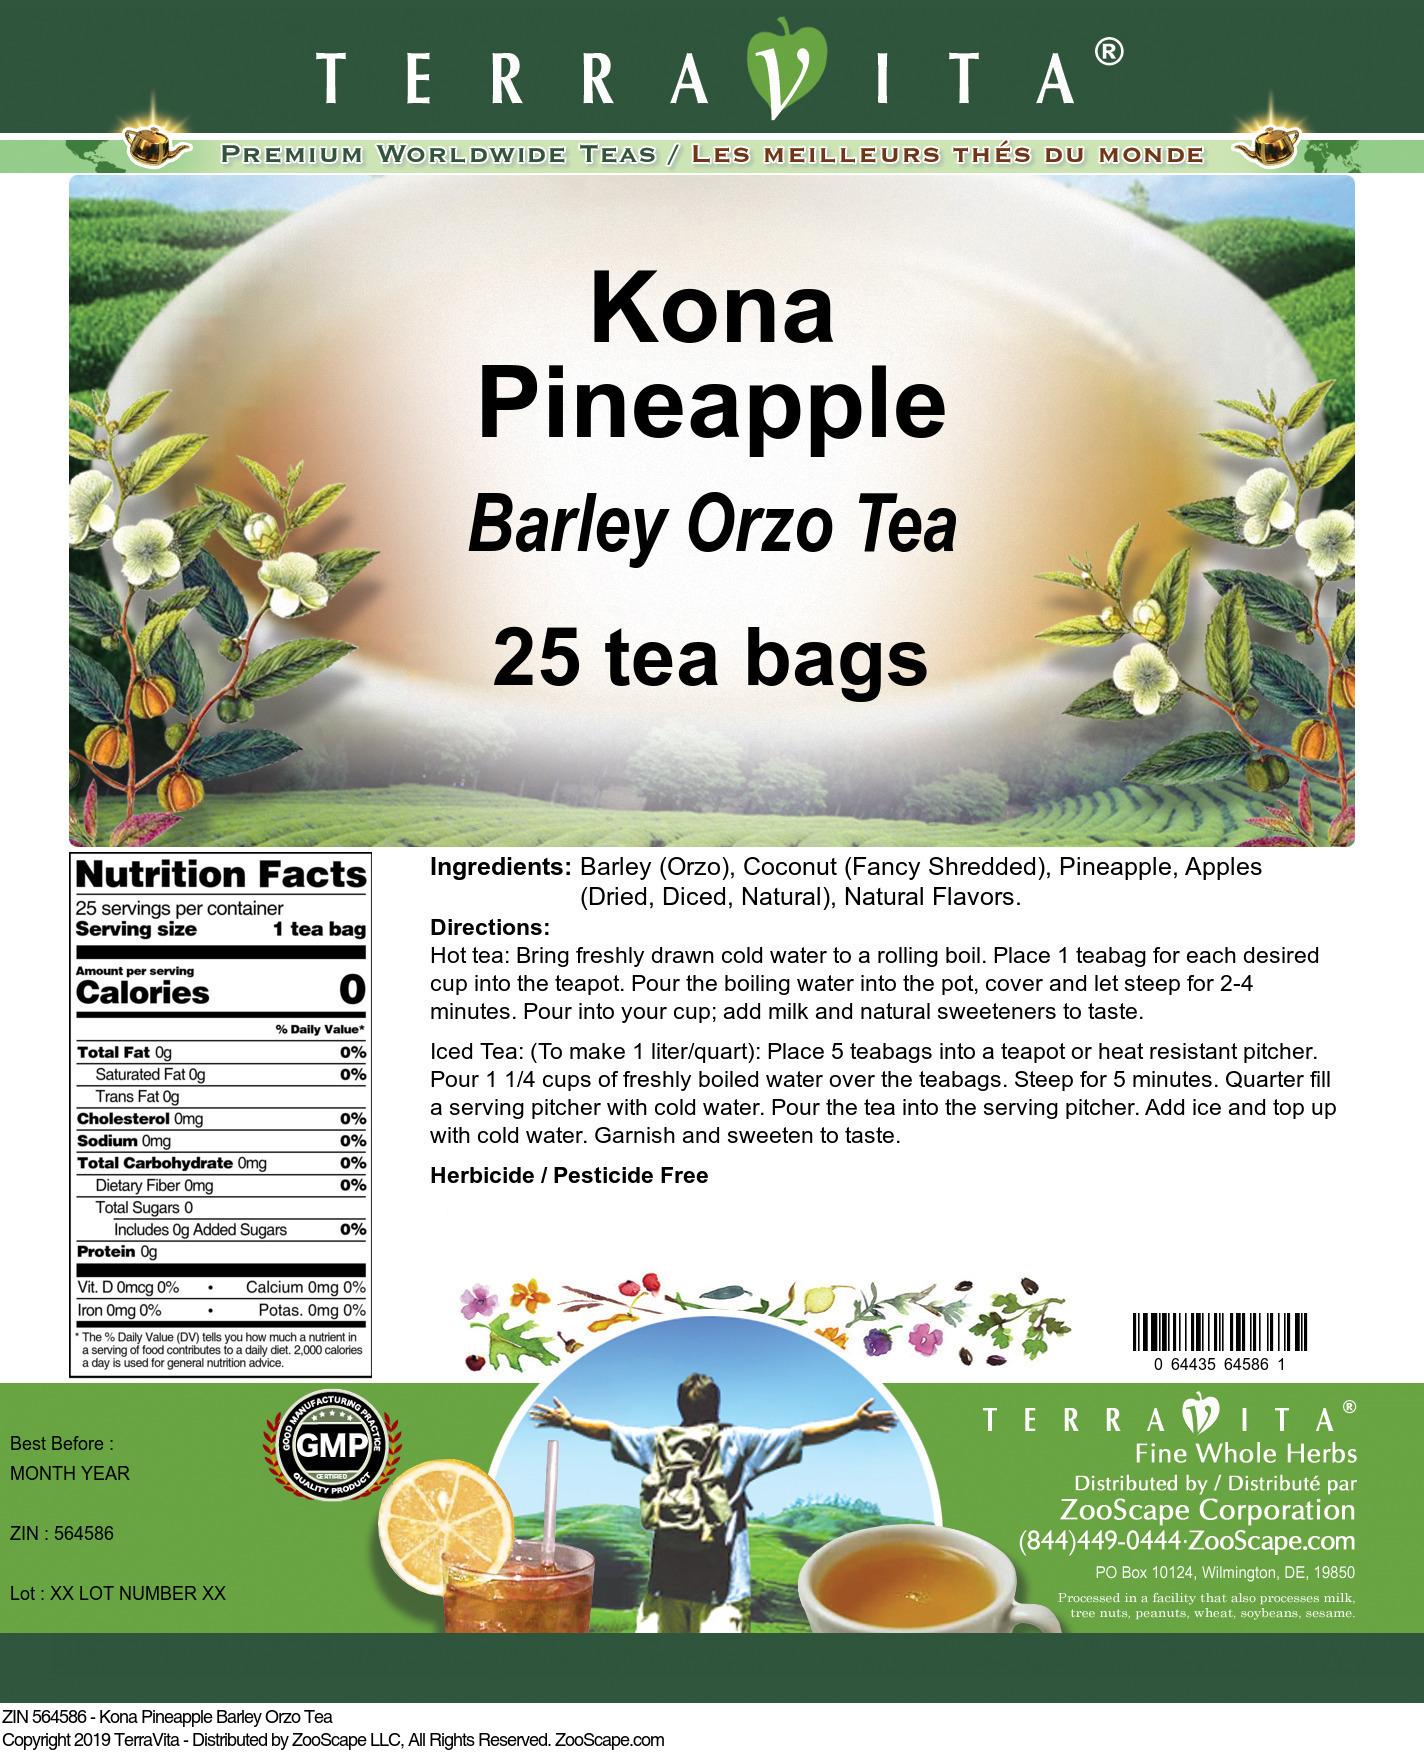 Kona Pineapple Barley Orzo